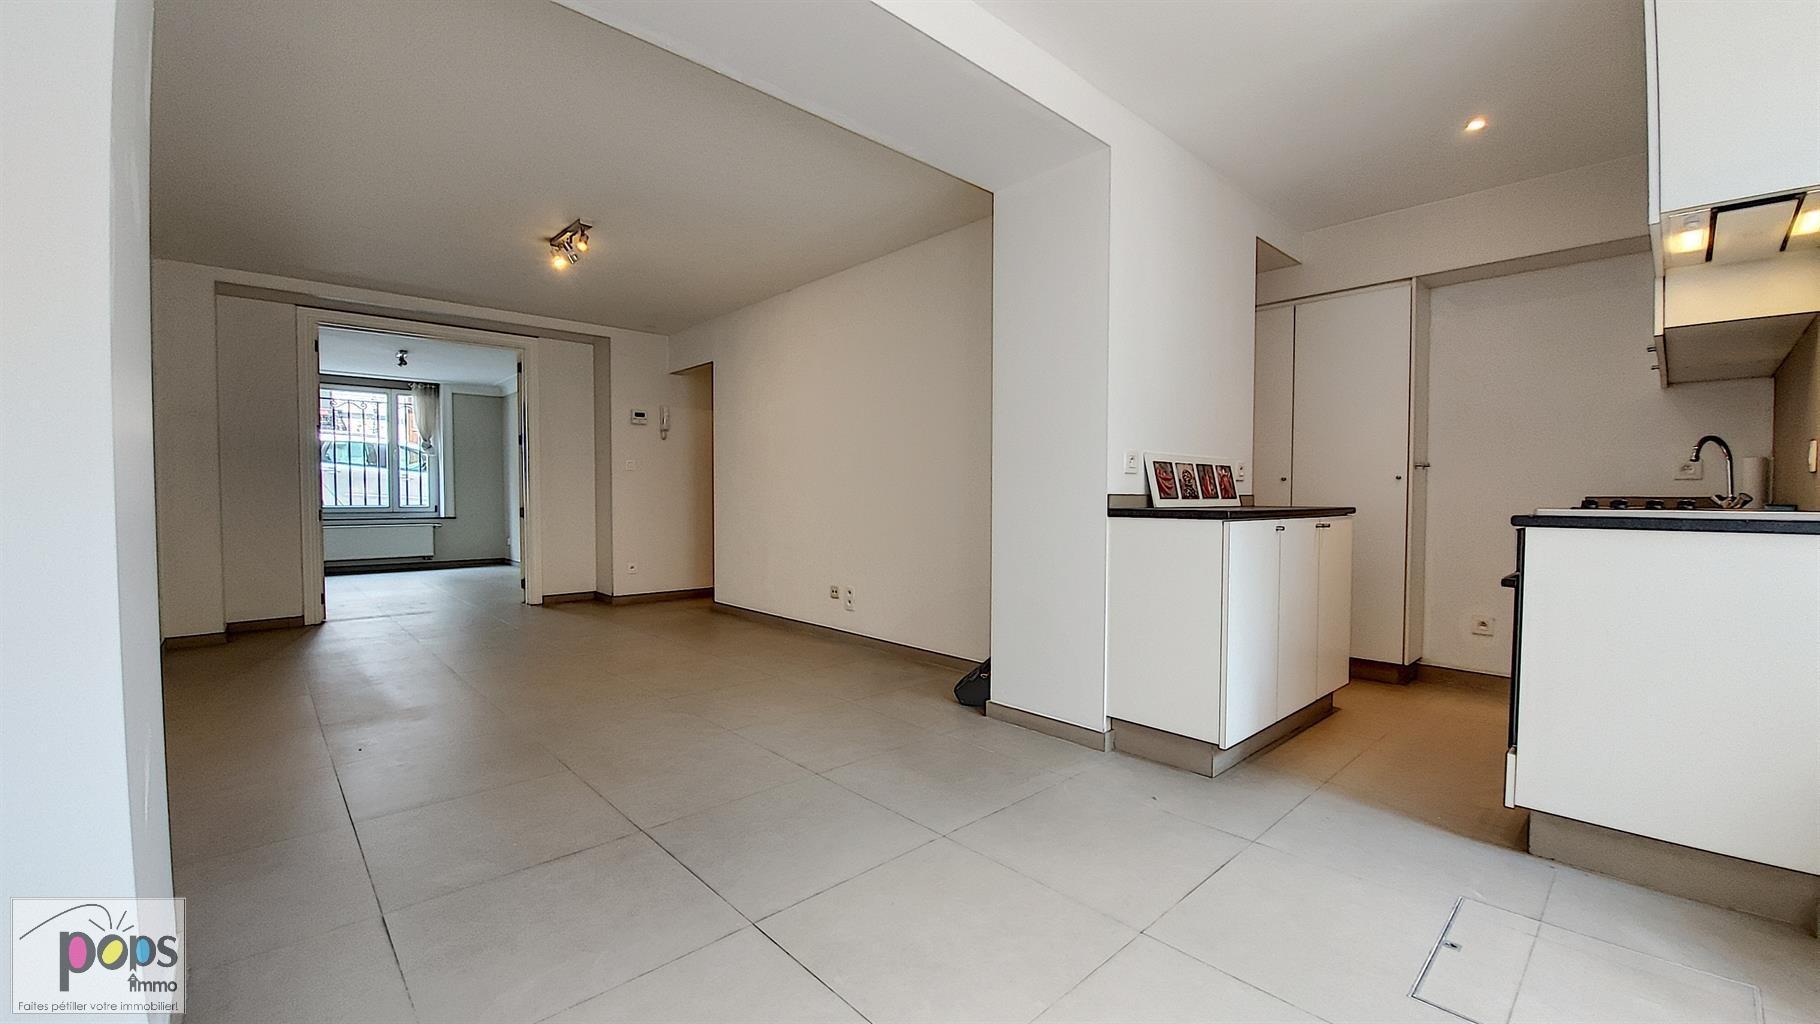 Appartement - Ixelles - #4388996-6